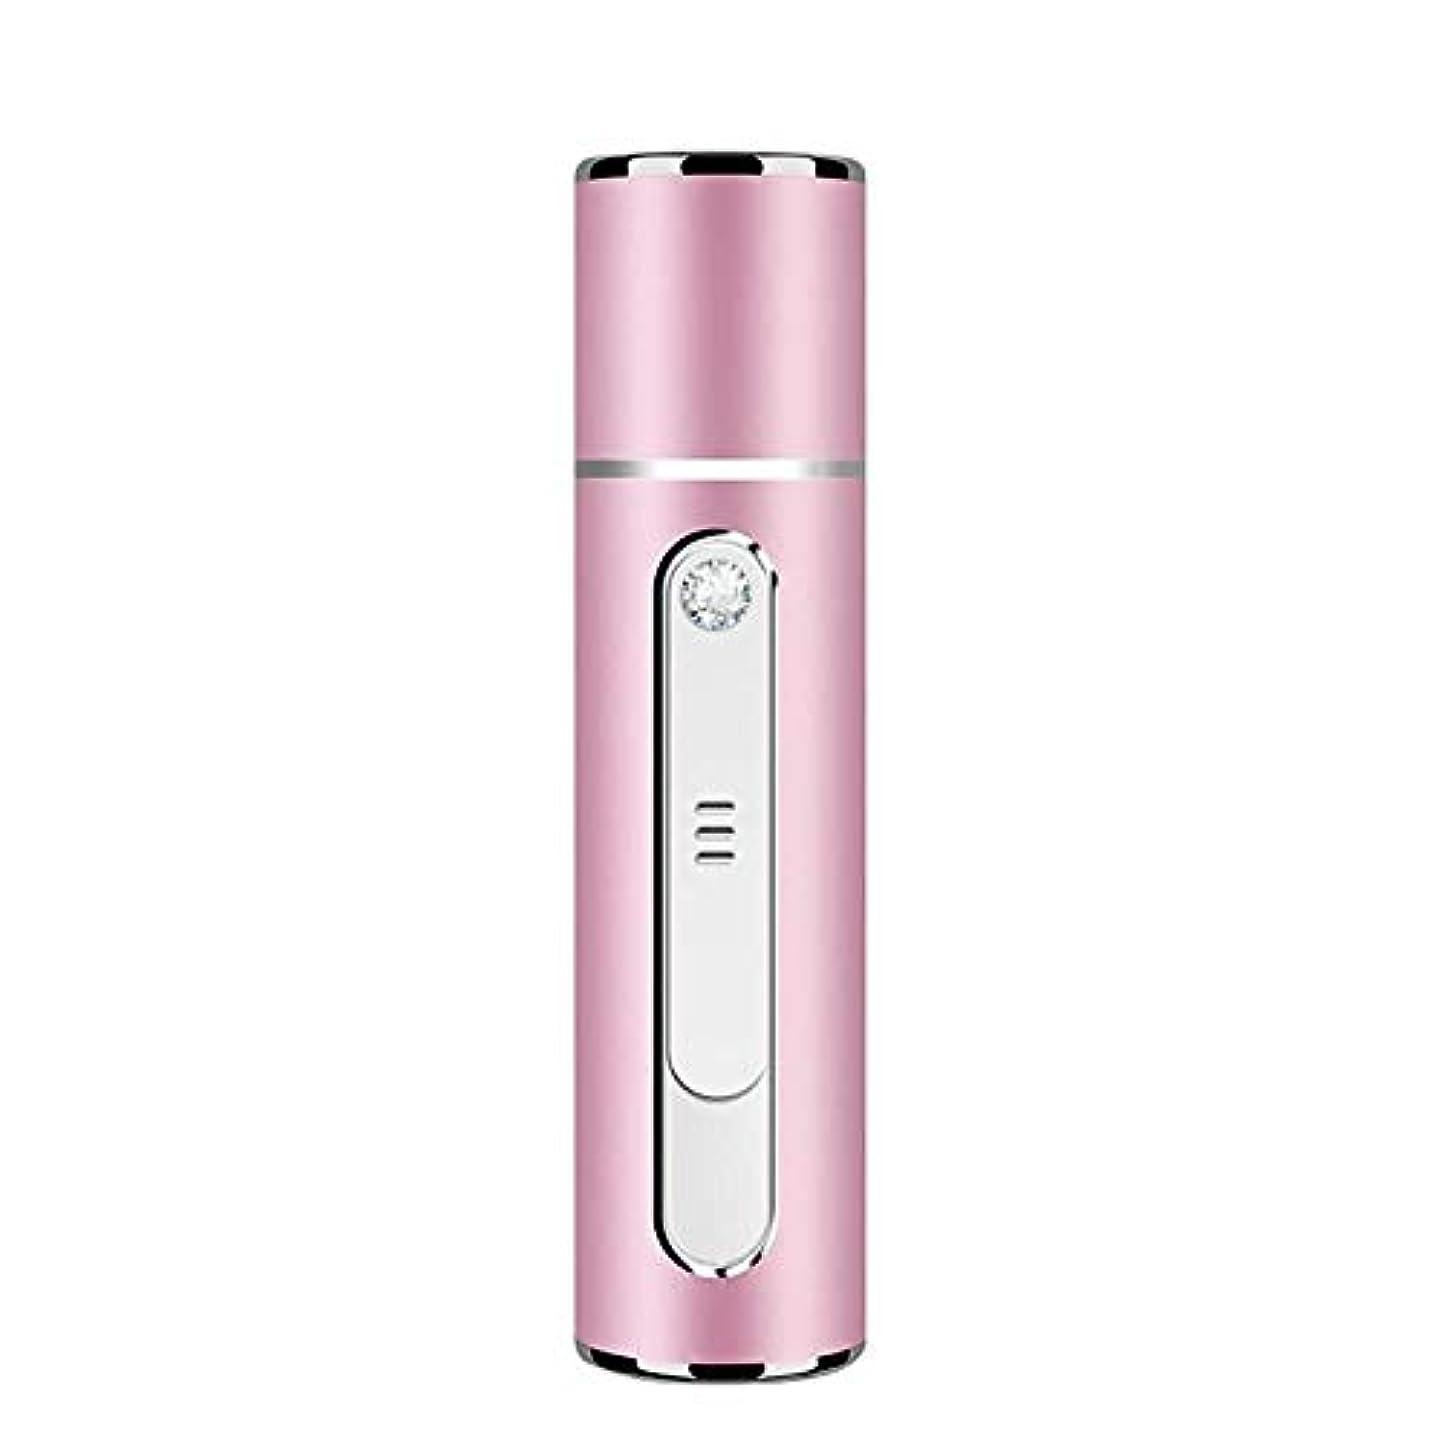 Nano Facial Mister-ポータブルミニフェイシャルスチーマー-アップグレードされた実用的-肌の若返りと保湿-冷却保湿アトマイザー-USBパワーバンク,Rose